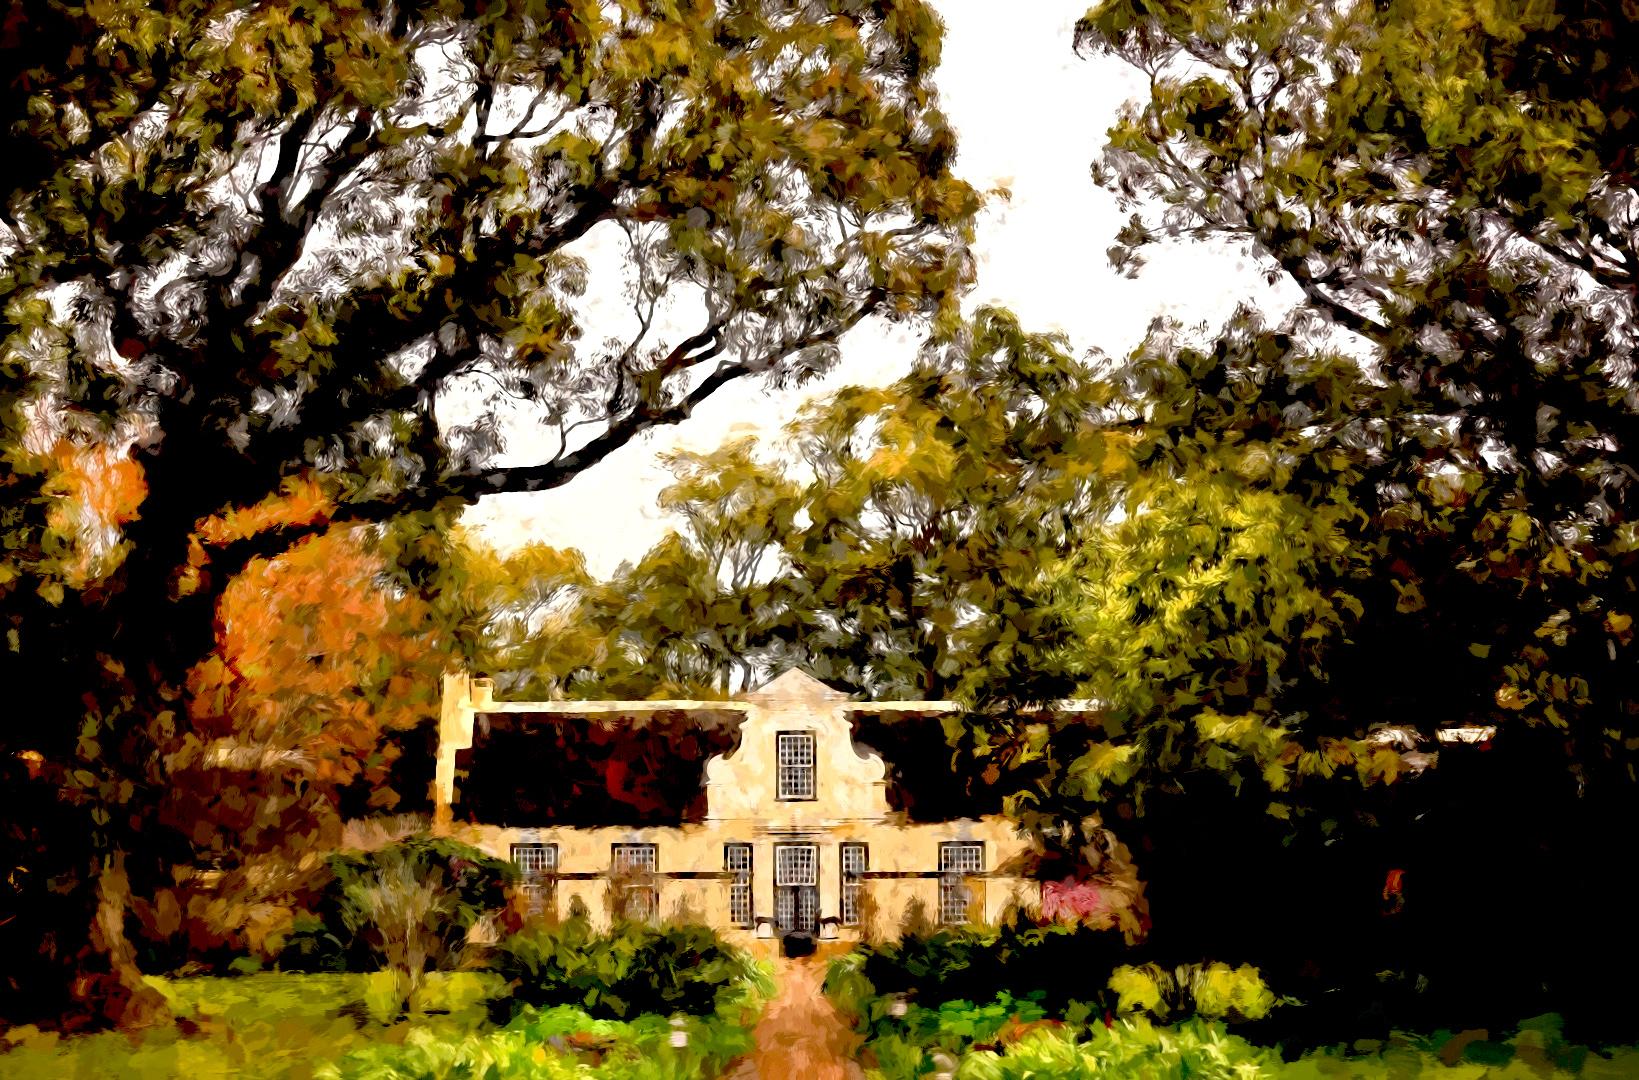 VERGELEGEN MANOR HOUSE